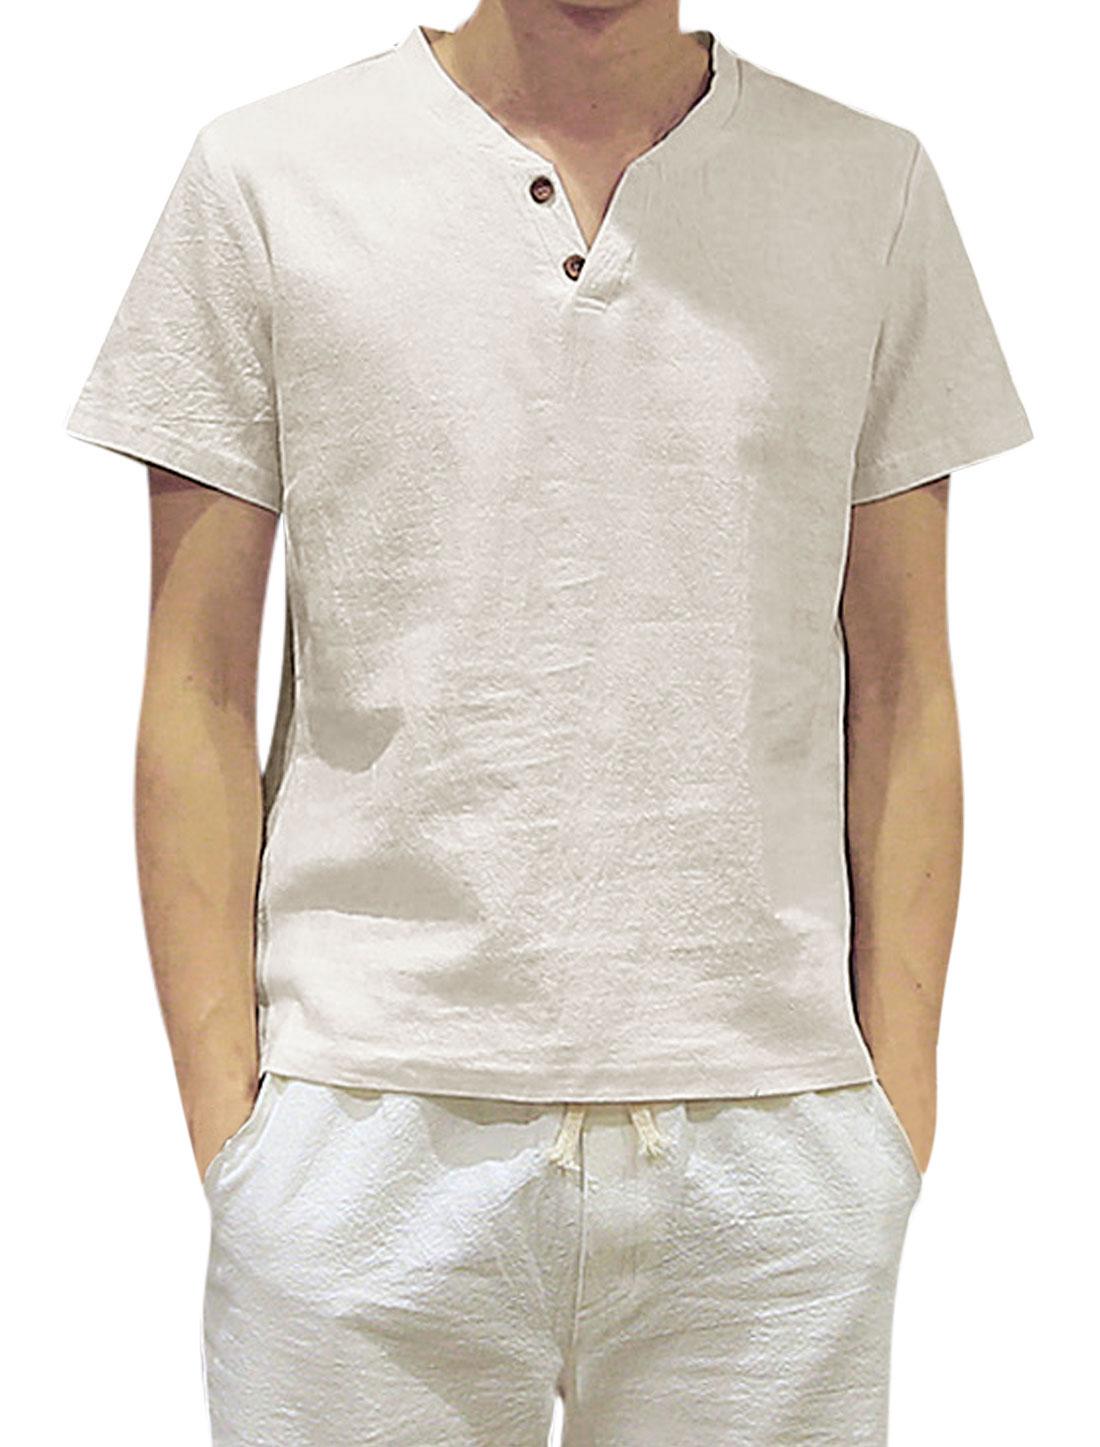 Men Split Neck Buttons Upper Short Sleeves Casual Linen Tee White M